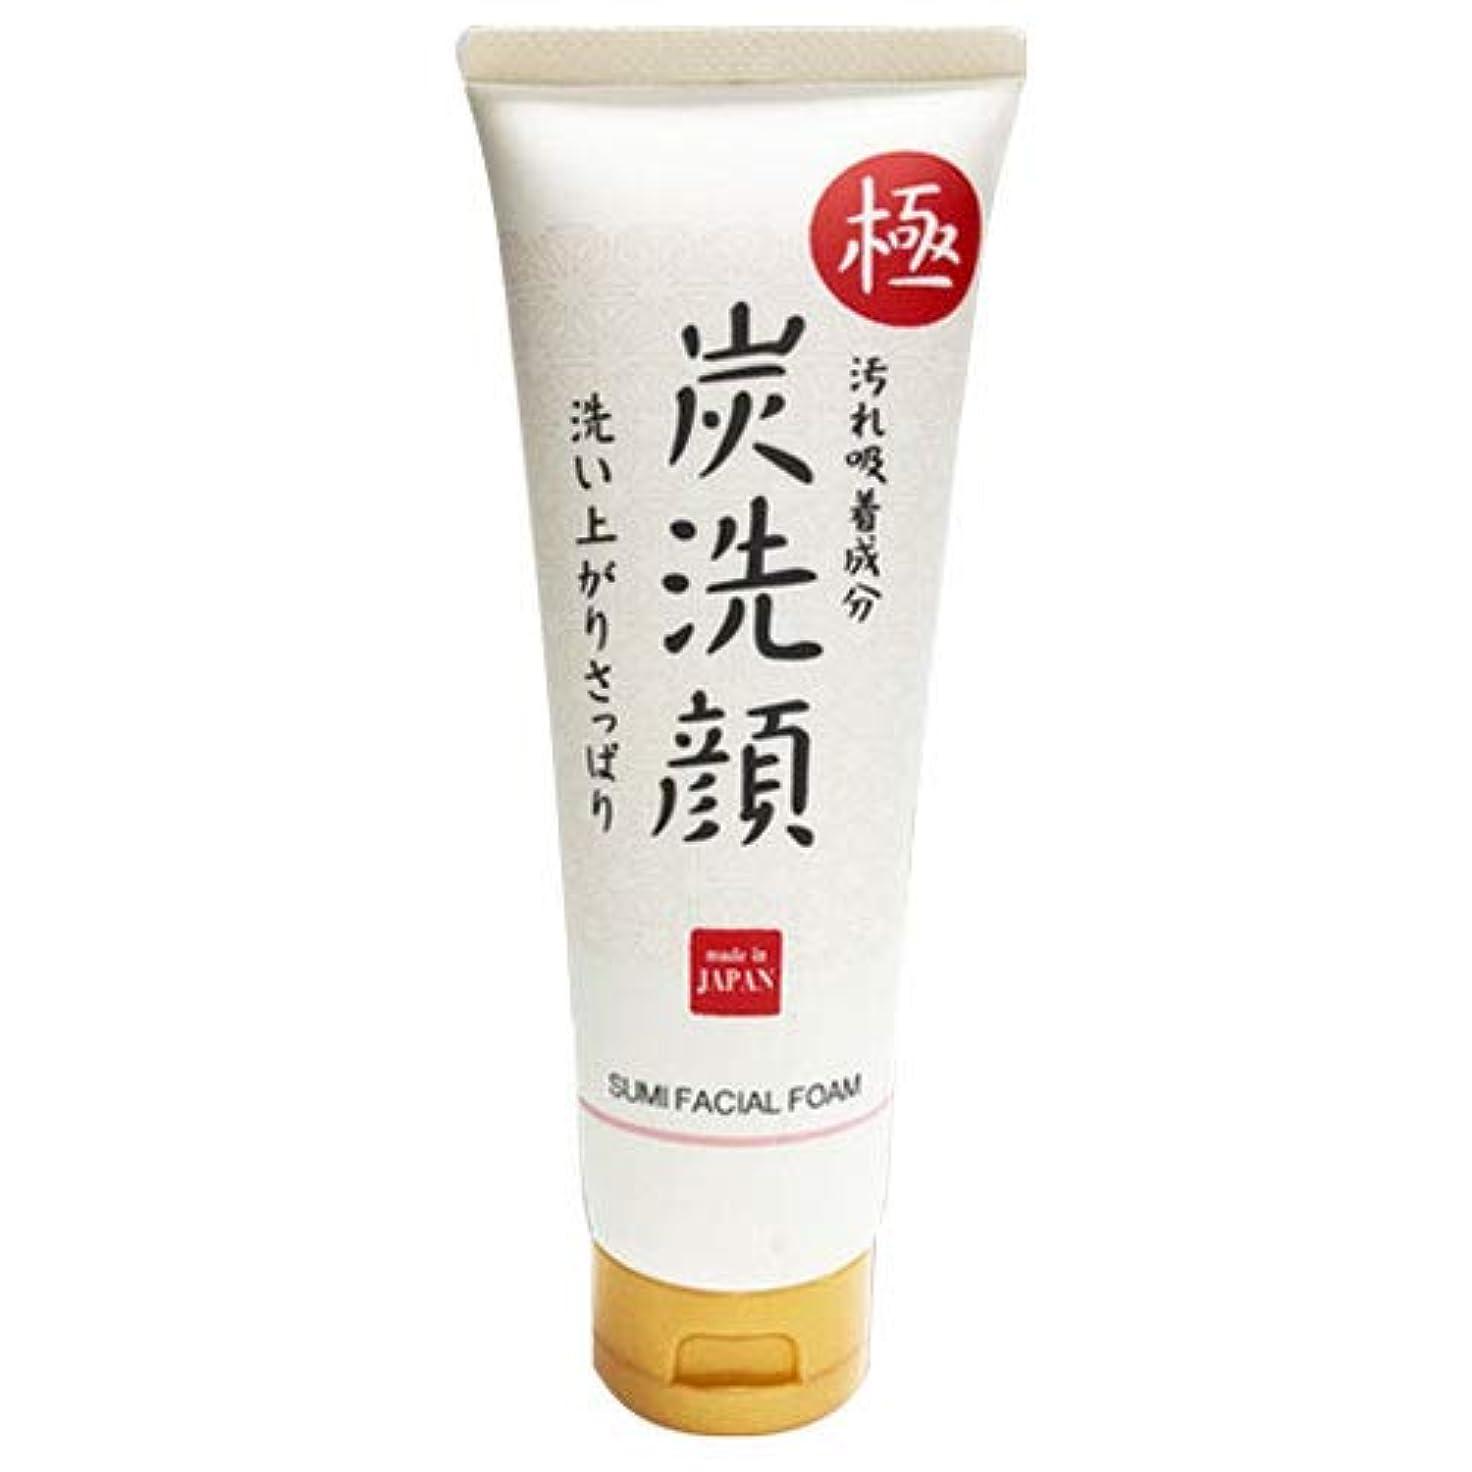 キャリッジアジア人故意の極 炭洗顔 日本製 炭 洗顔 フェイスケア 肌 美容 スキンケア クレンジング 素肌 もっちり泡洗顔 化粧品 メイク落とし 毛穴ケア 毛穴汚れ